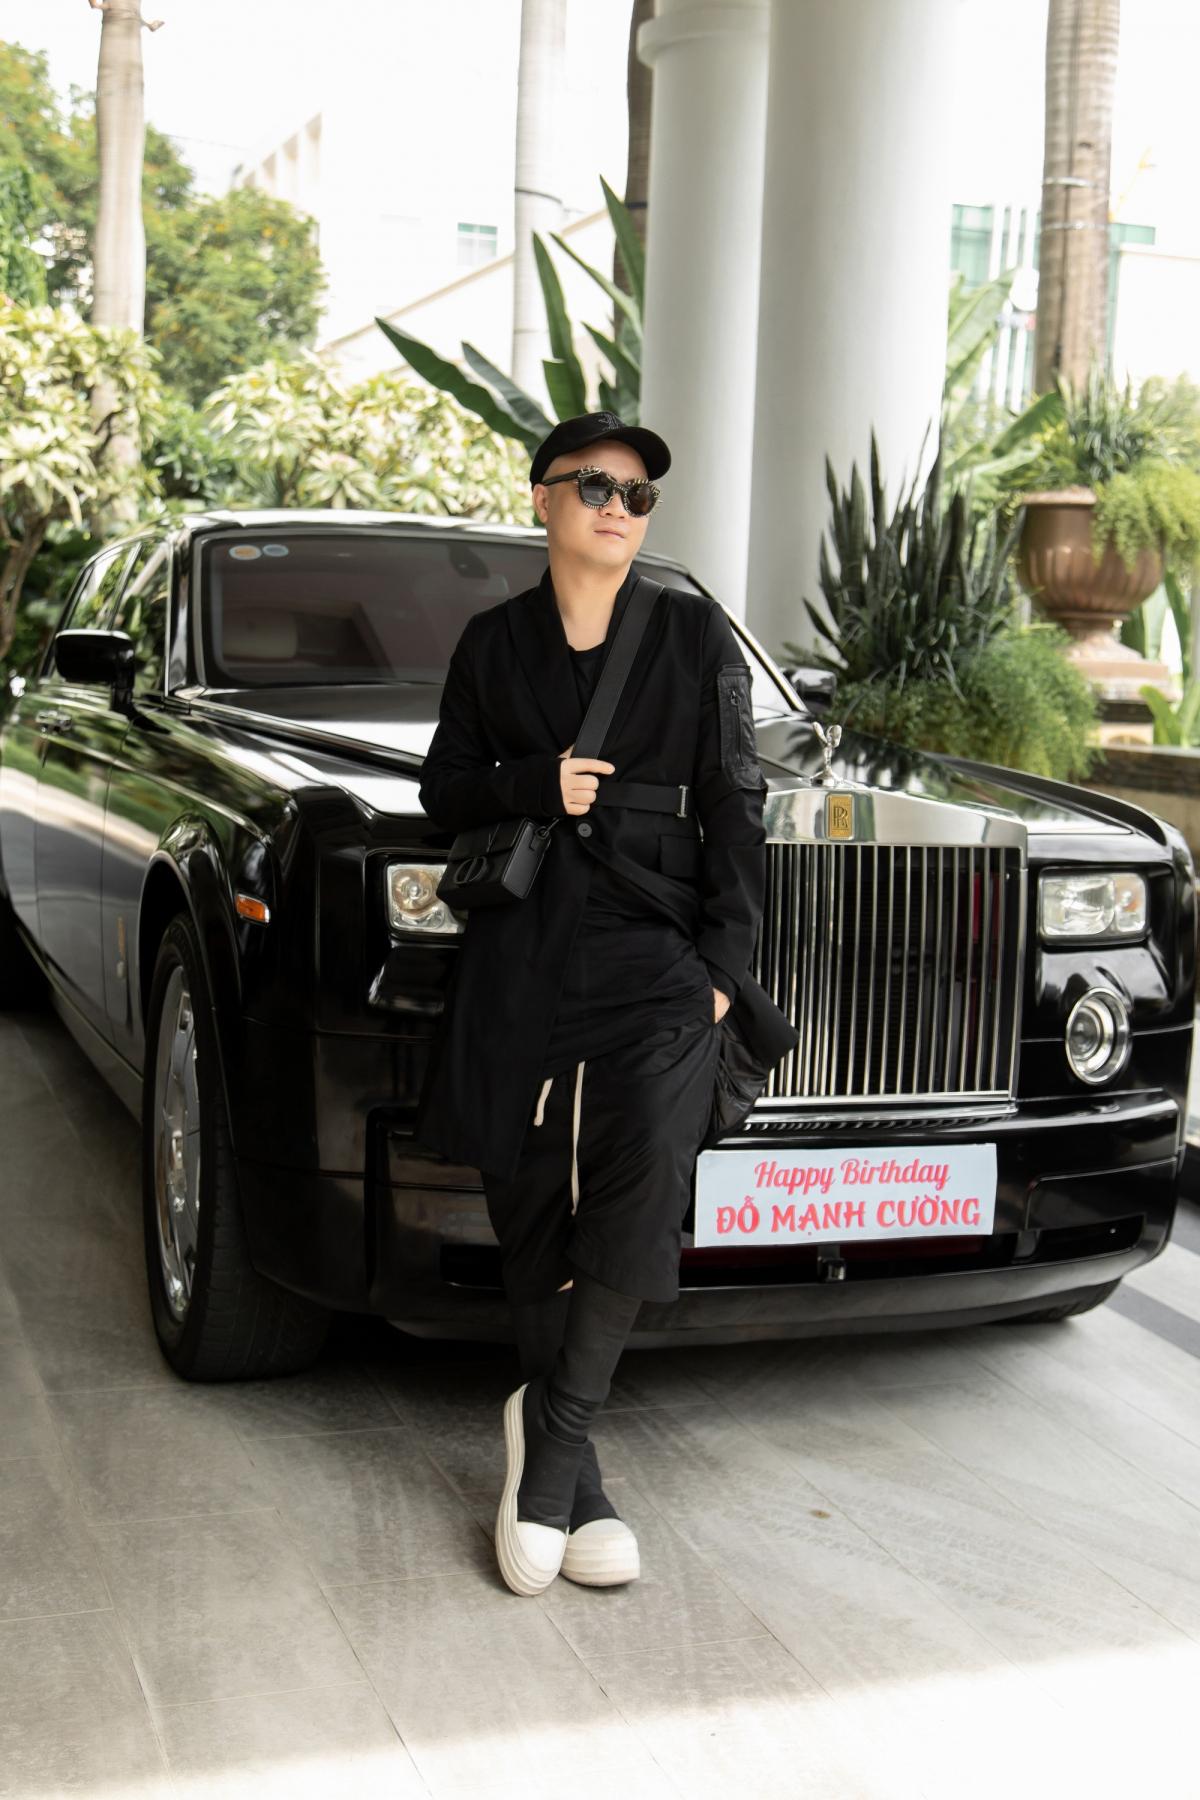 Nhân dịp sinh nhật, NTK cũng tự thưởng cho mình chiếc xe Rolls-Royce Phantom.